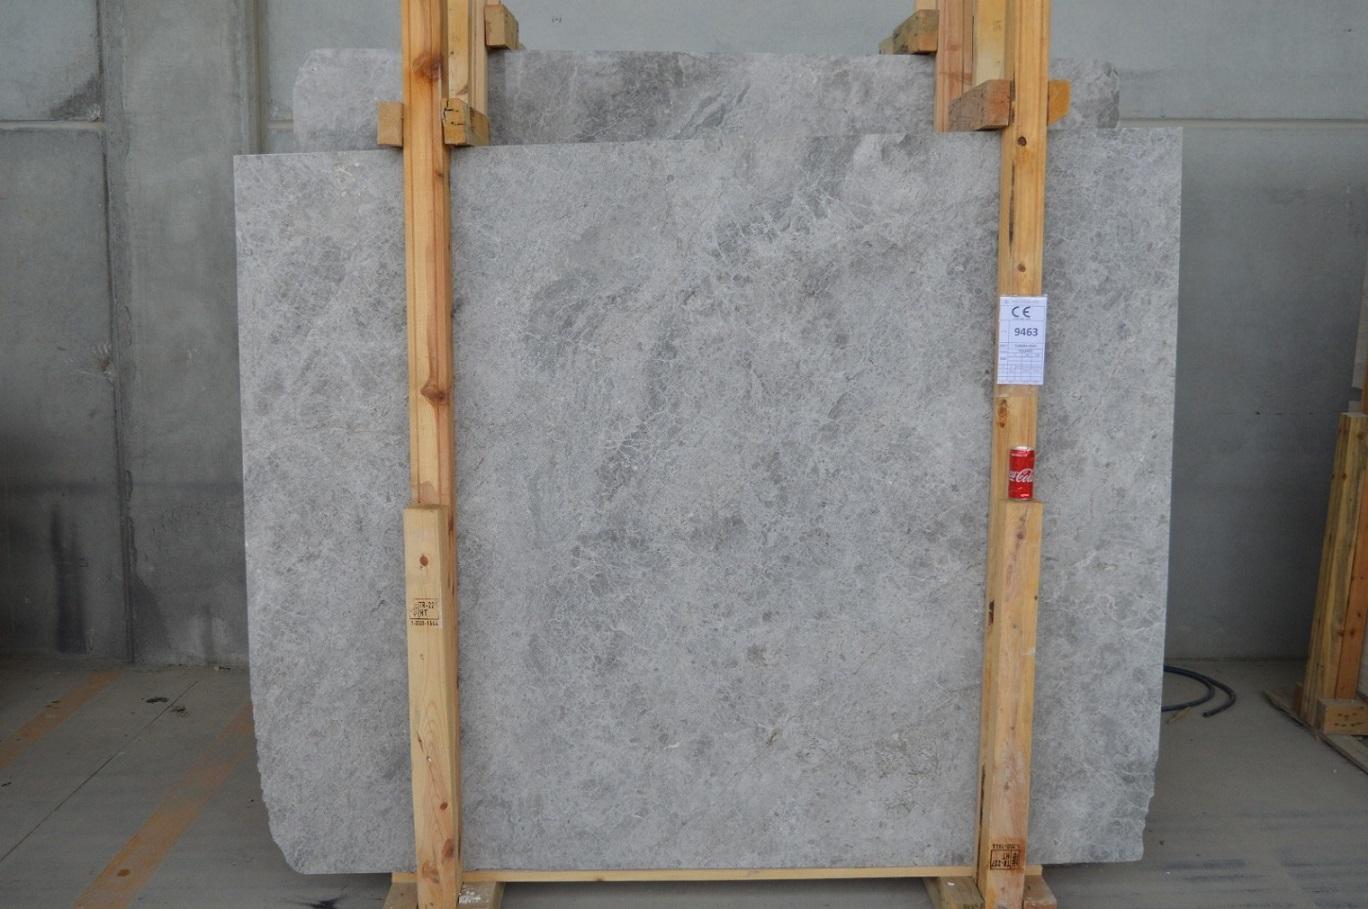 Tundr Gray Marble Slabs